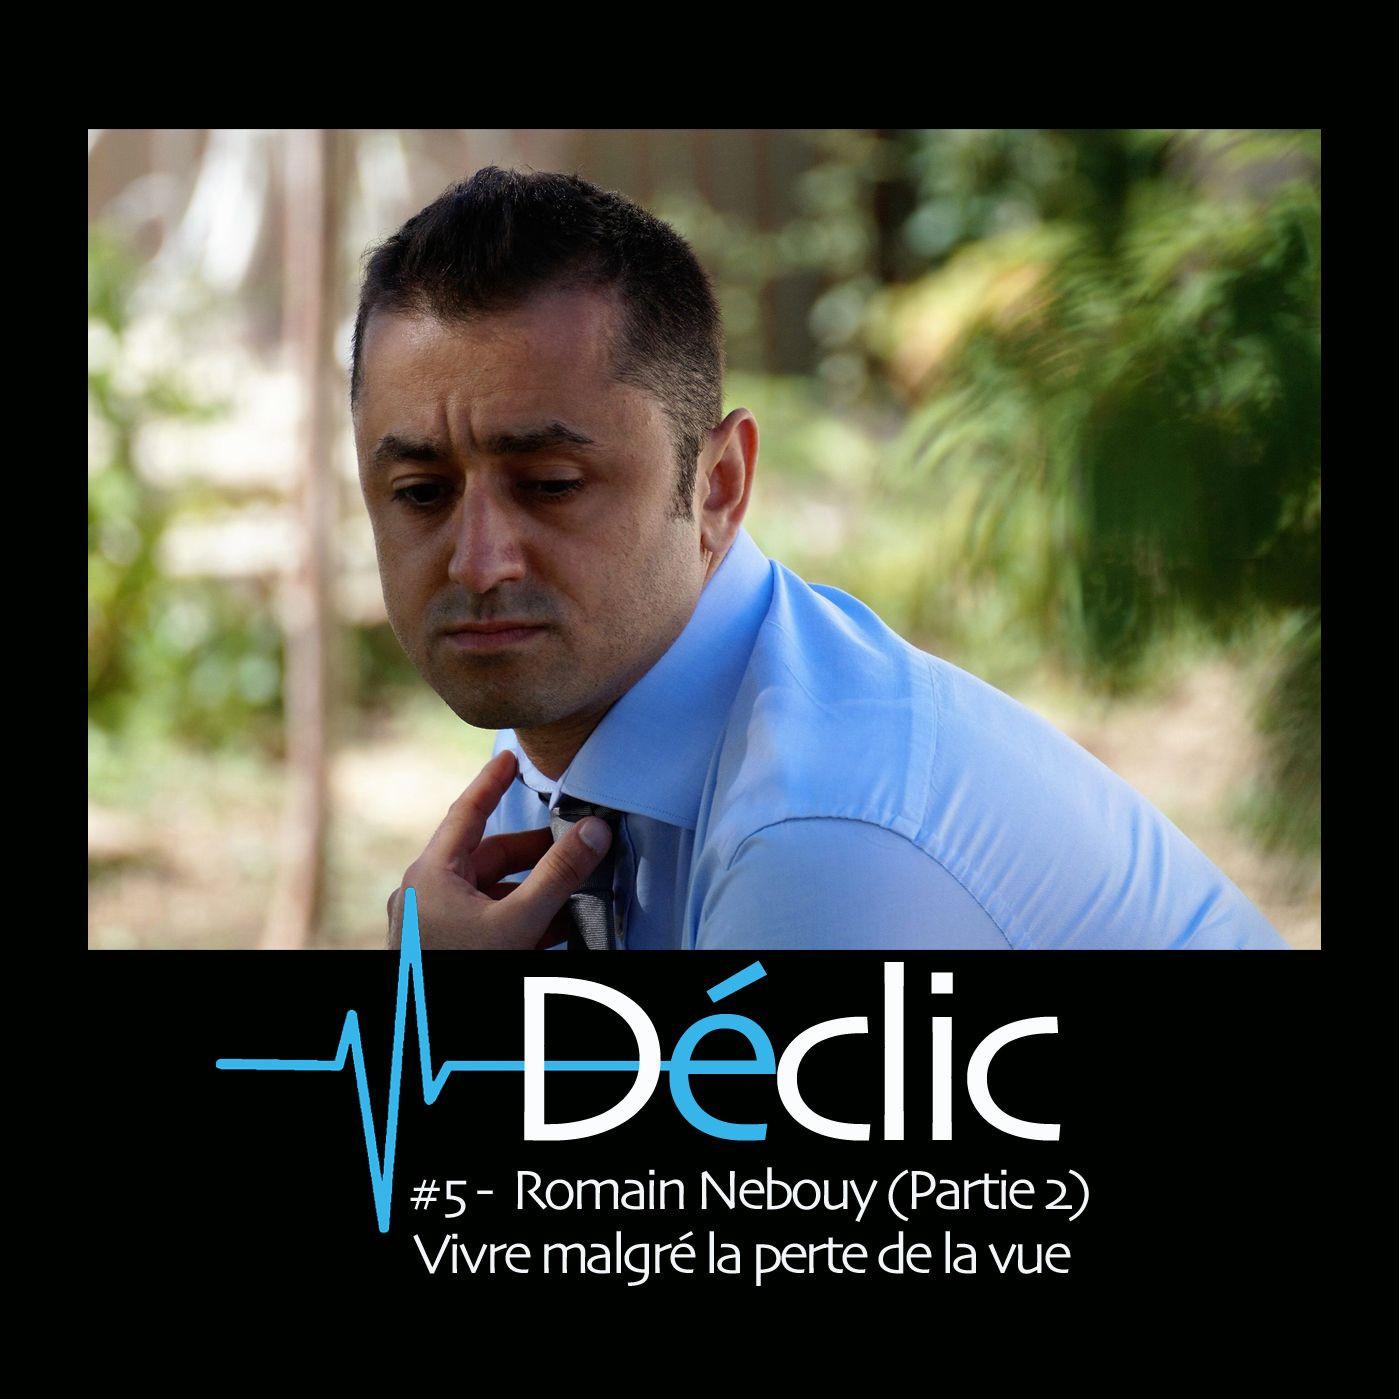 #5 : Romain Nebouy (Partie 2) - Vivre malgré la perte de la vue